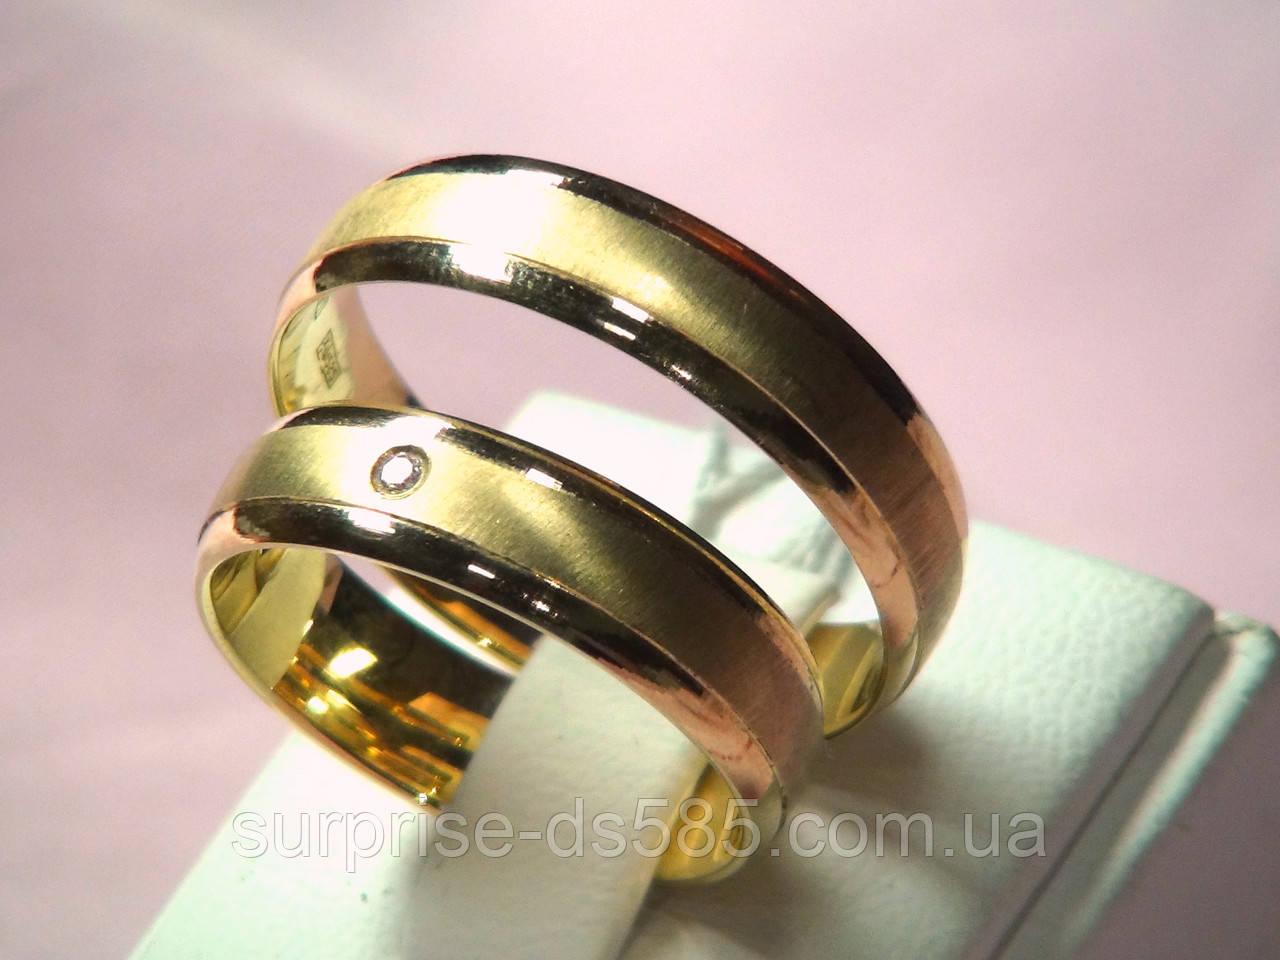 e489837f0ca2 Кольцо 585 пробы обручальное лимонное золото - Интернет магазин ювелирных  изделий